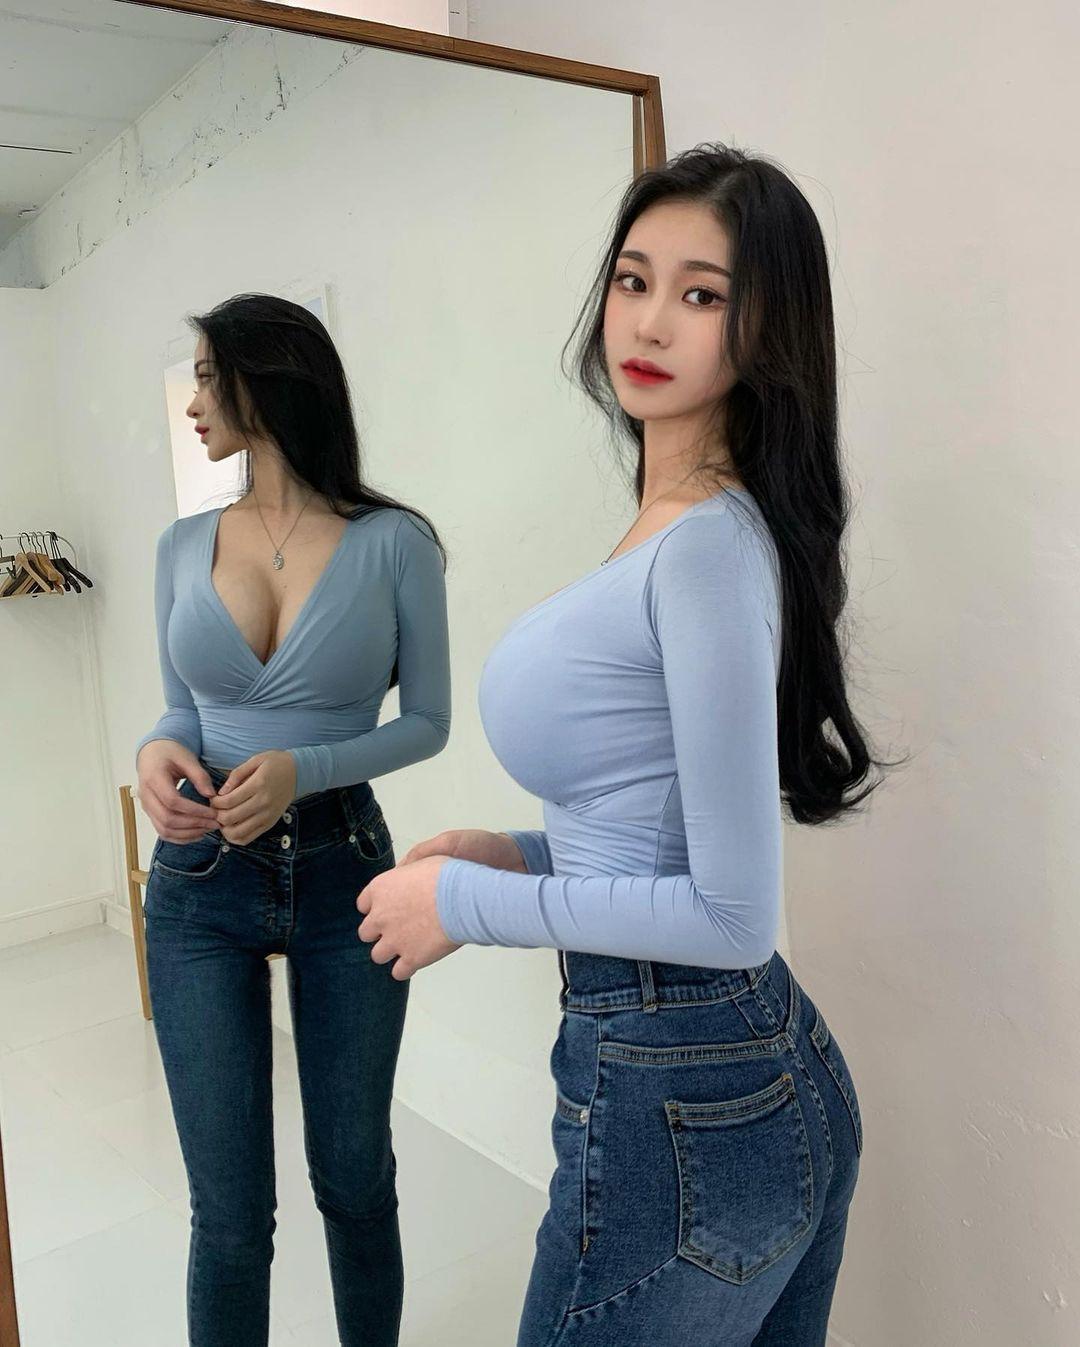 韩国高中妹子「flora」精灵般的神颜,制服下超不科学弧度!-新图包